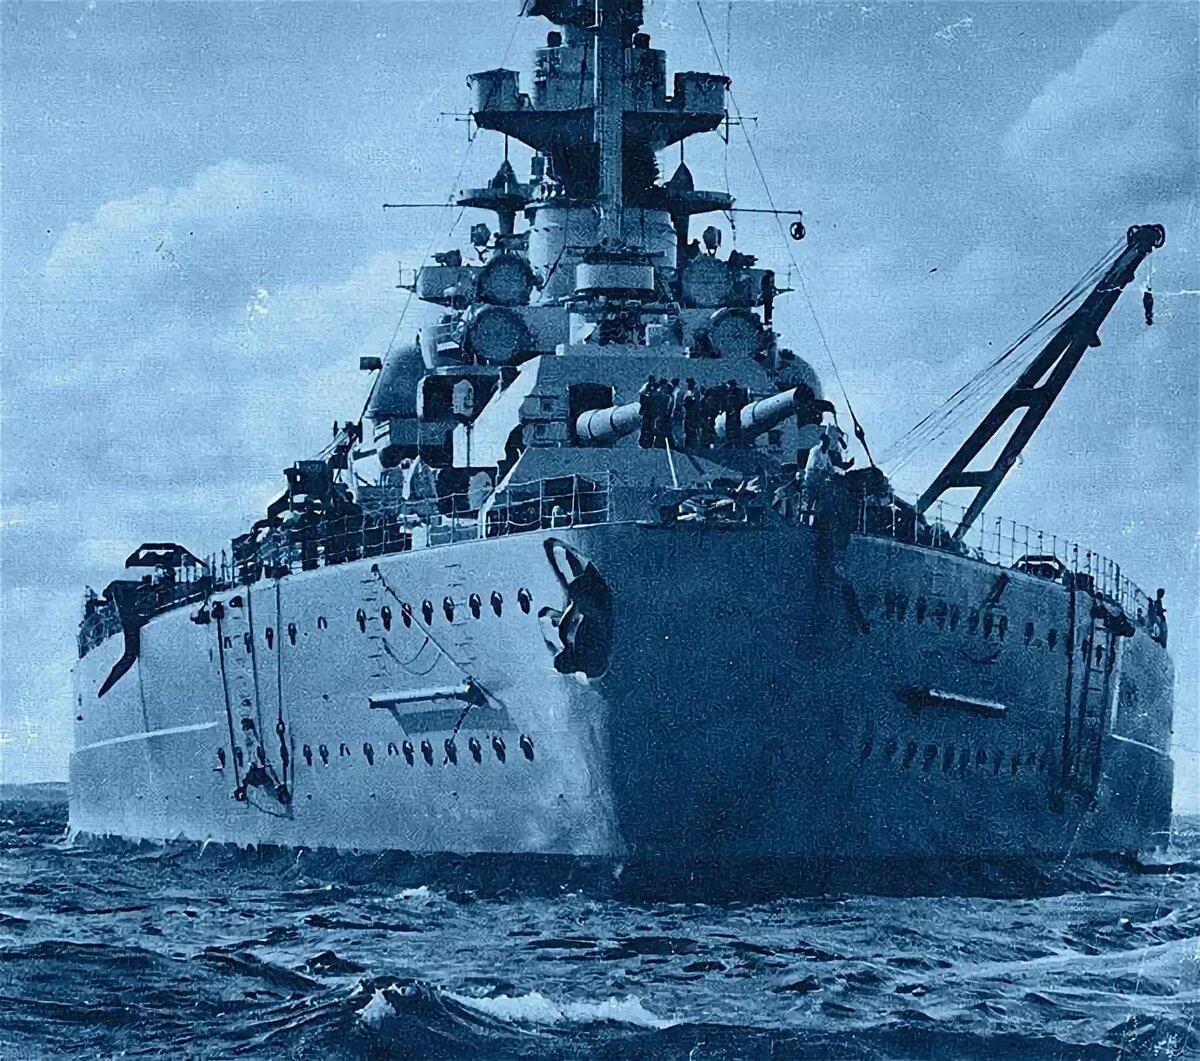 снимках малыш фото немецких кораблей конечно здесь завышенные